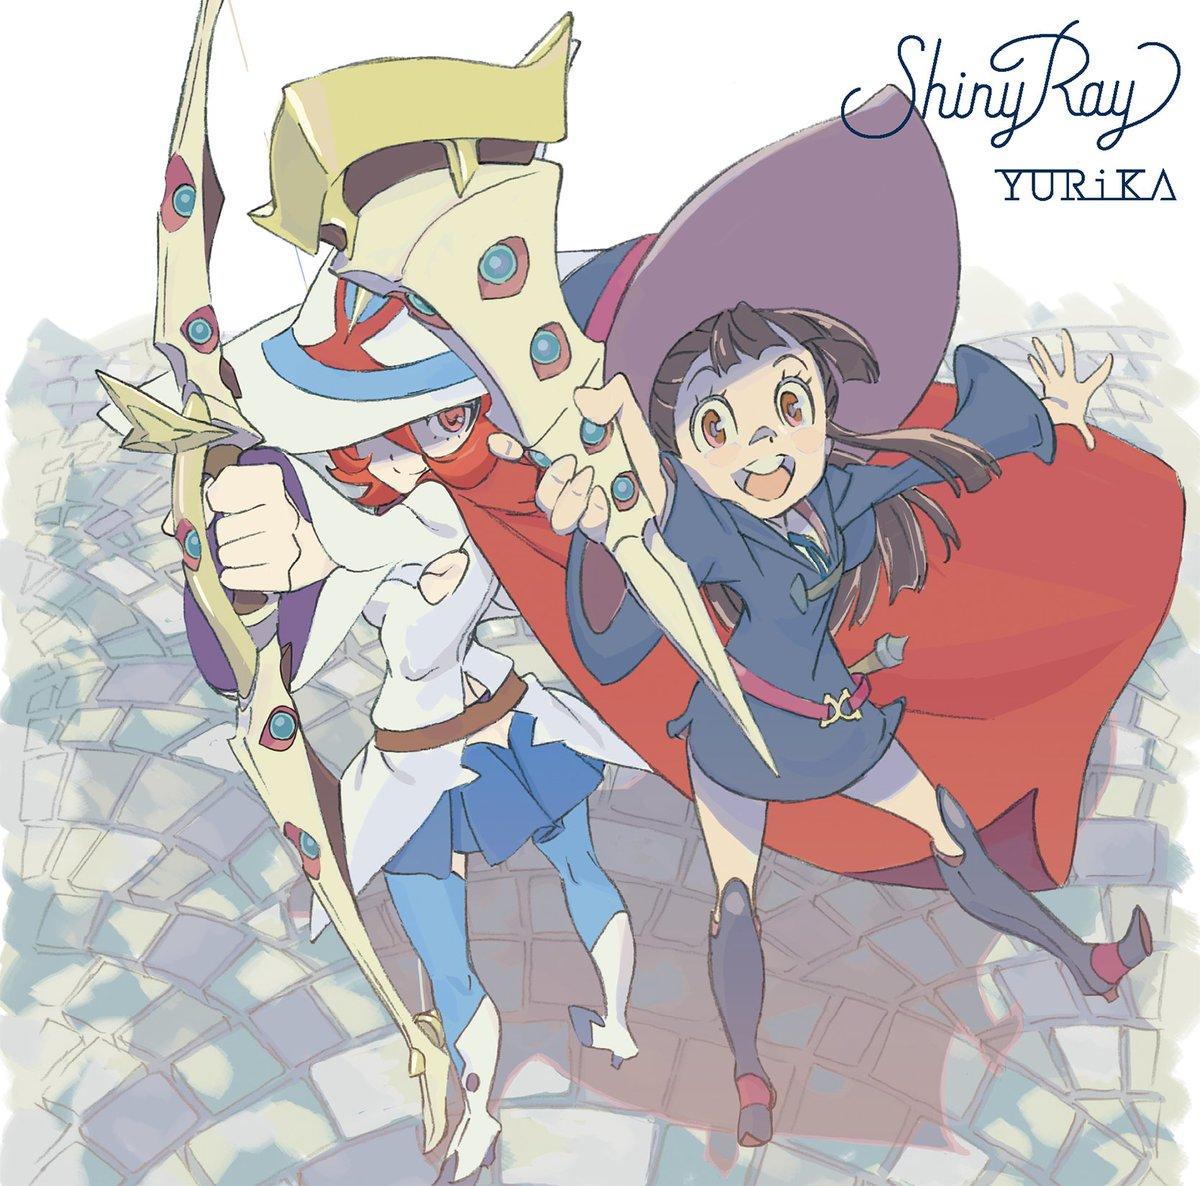 そして明日2/22はTVアニメ『リトルウィッチアカデミア』OPテーマYURiKA「Shiny Ray」とEDテーマ大原ゆ